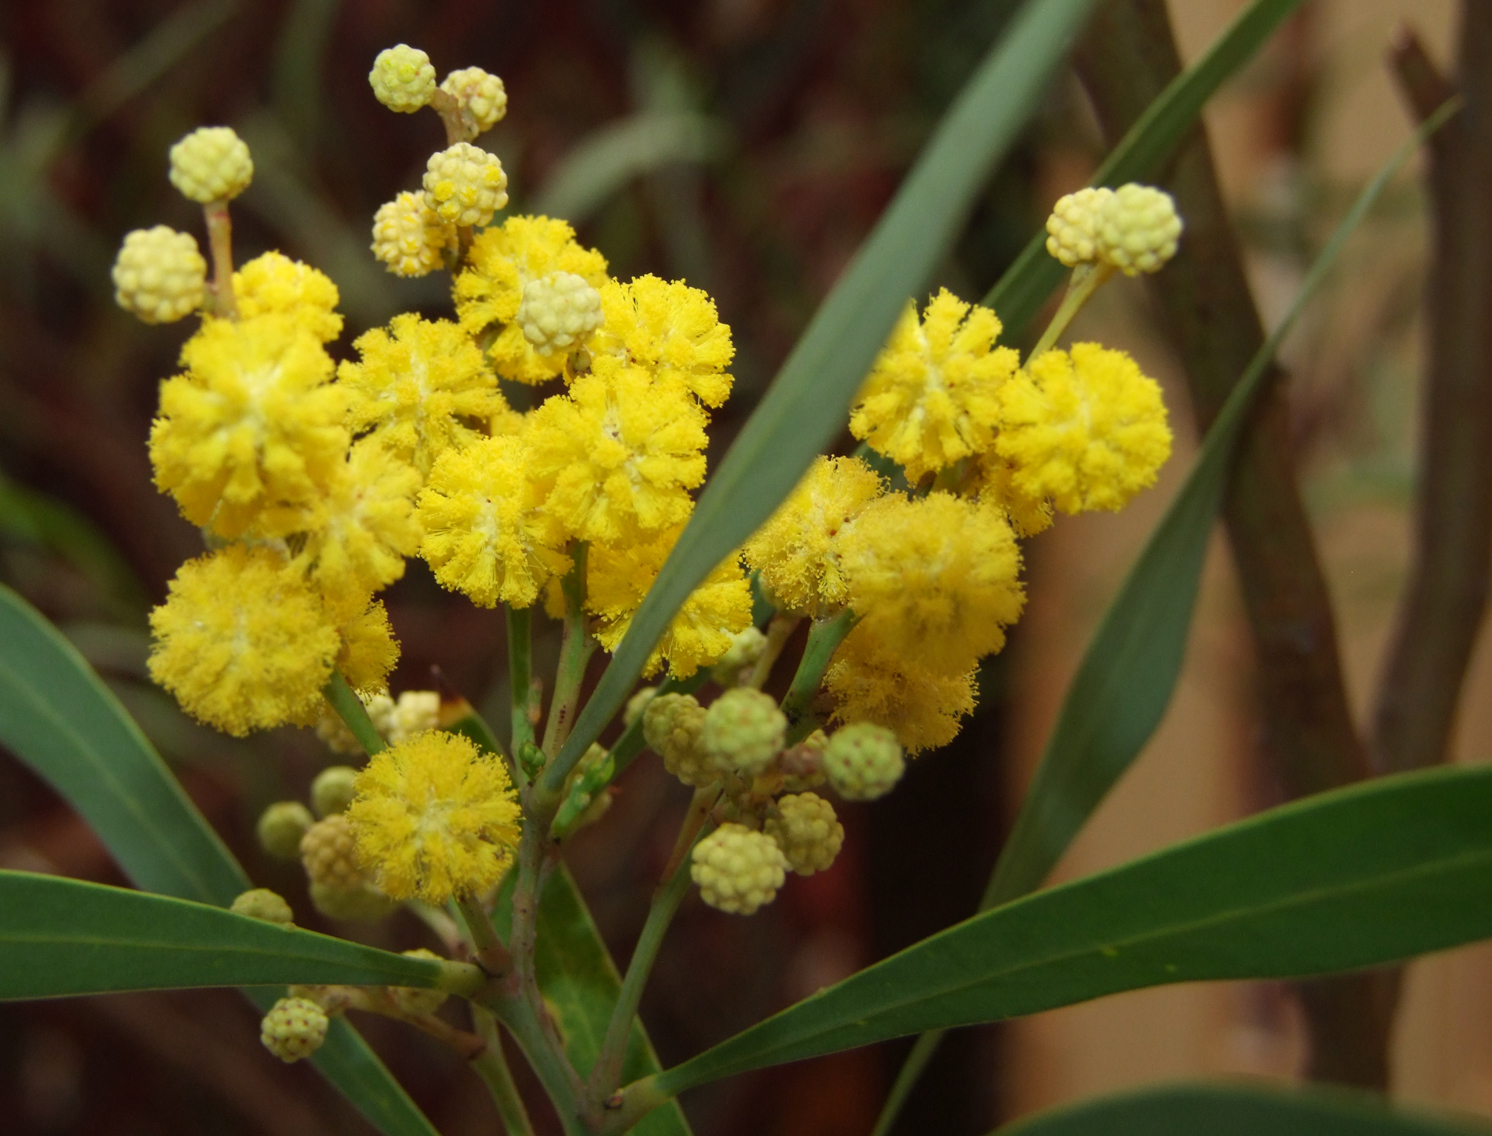 File:Acacia retinodes MucBotGard.jpg - Wikimedia Commons